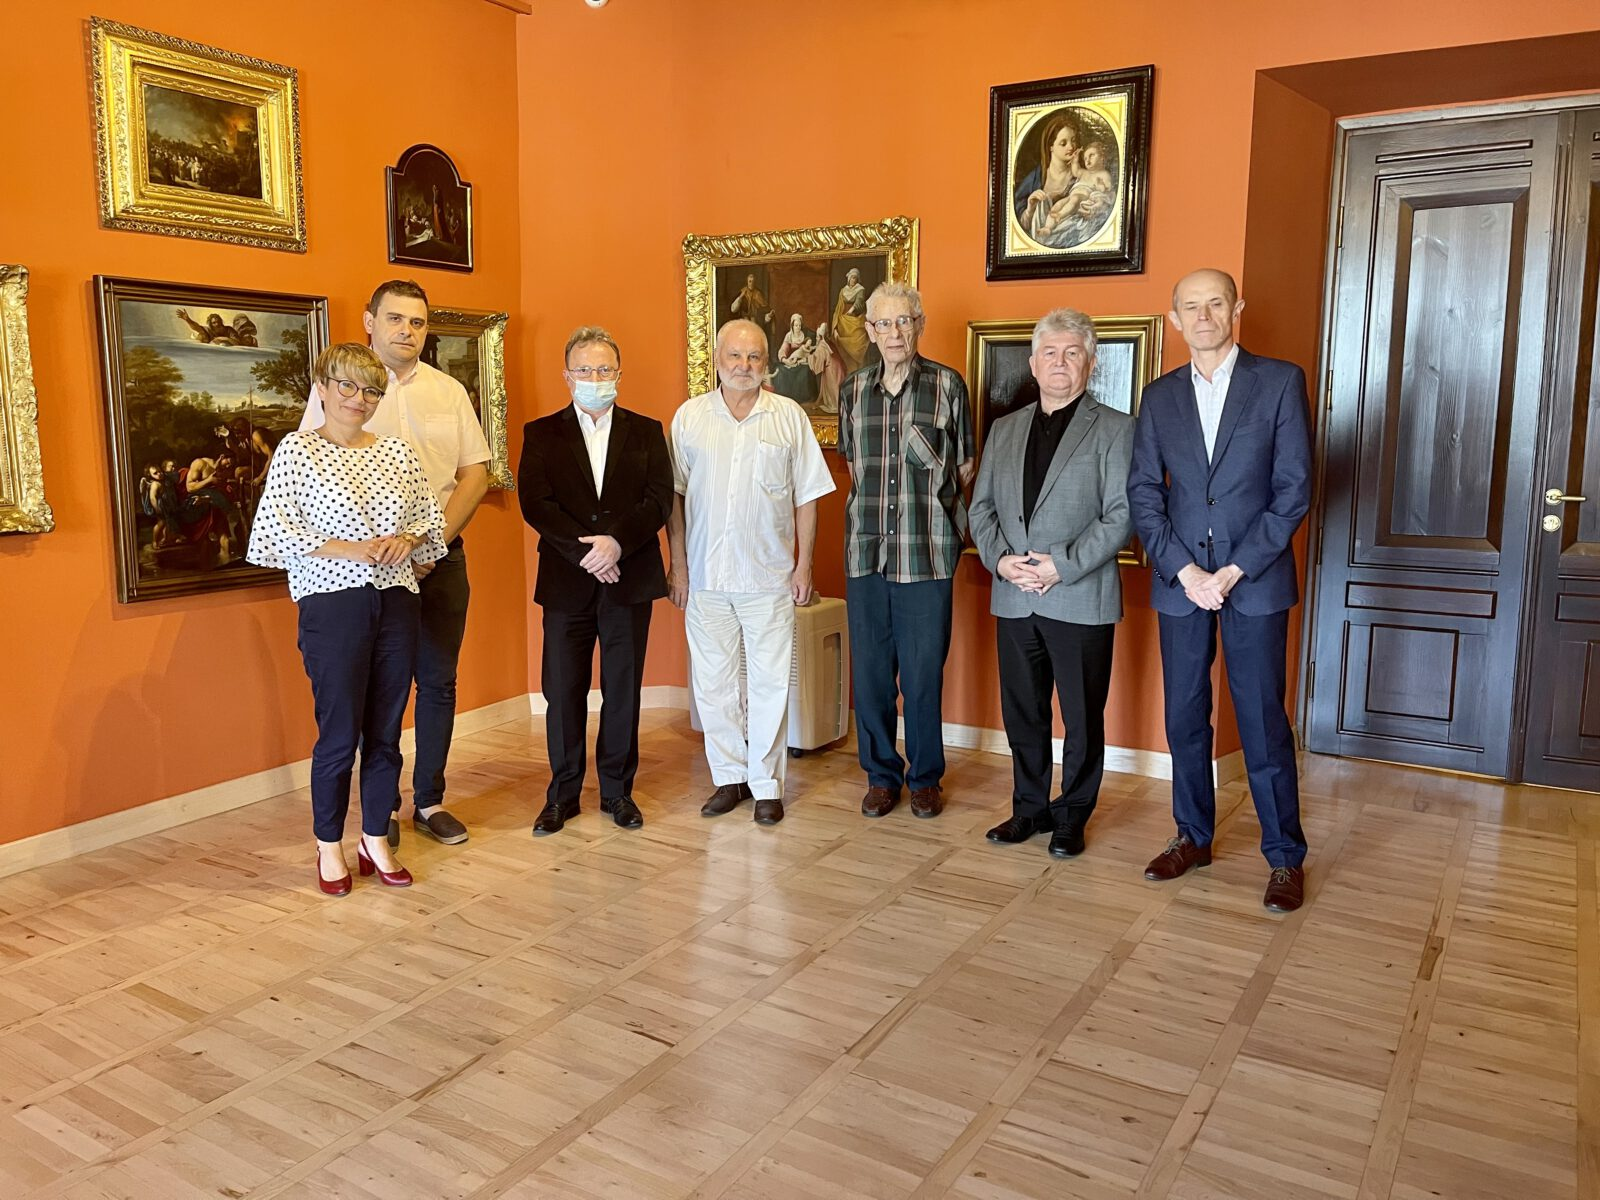 Siedem osób z rady Muzeum na tle obrazów.